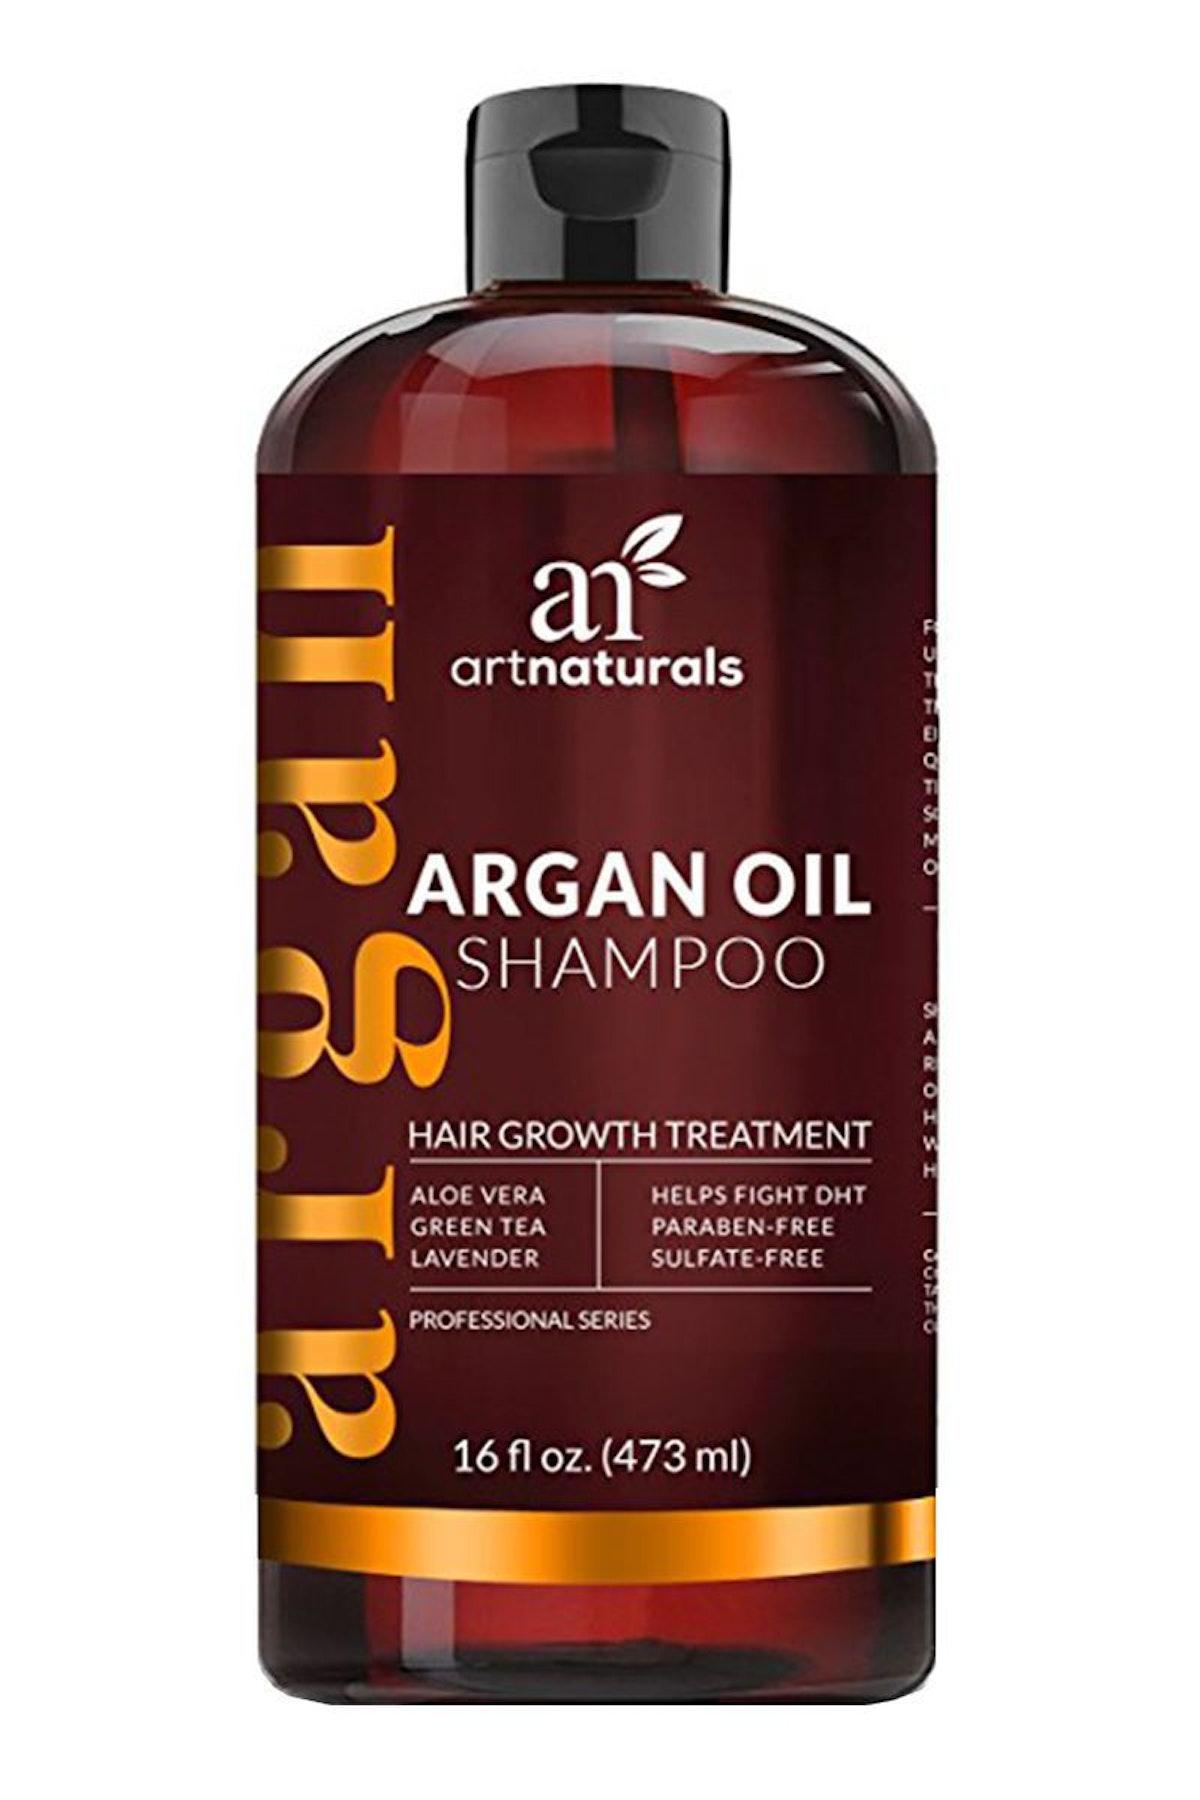 Argan Oil Shampoo for Hair-Regrowth